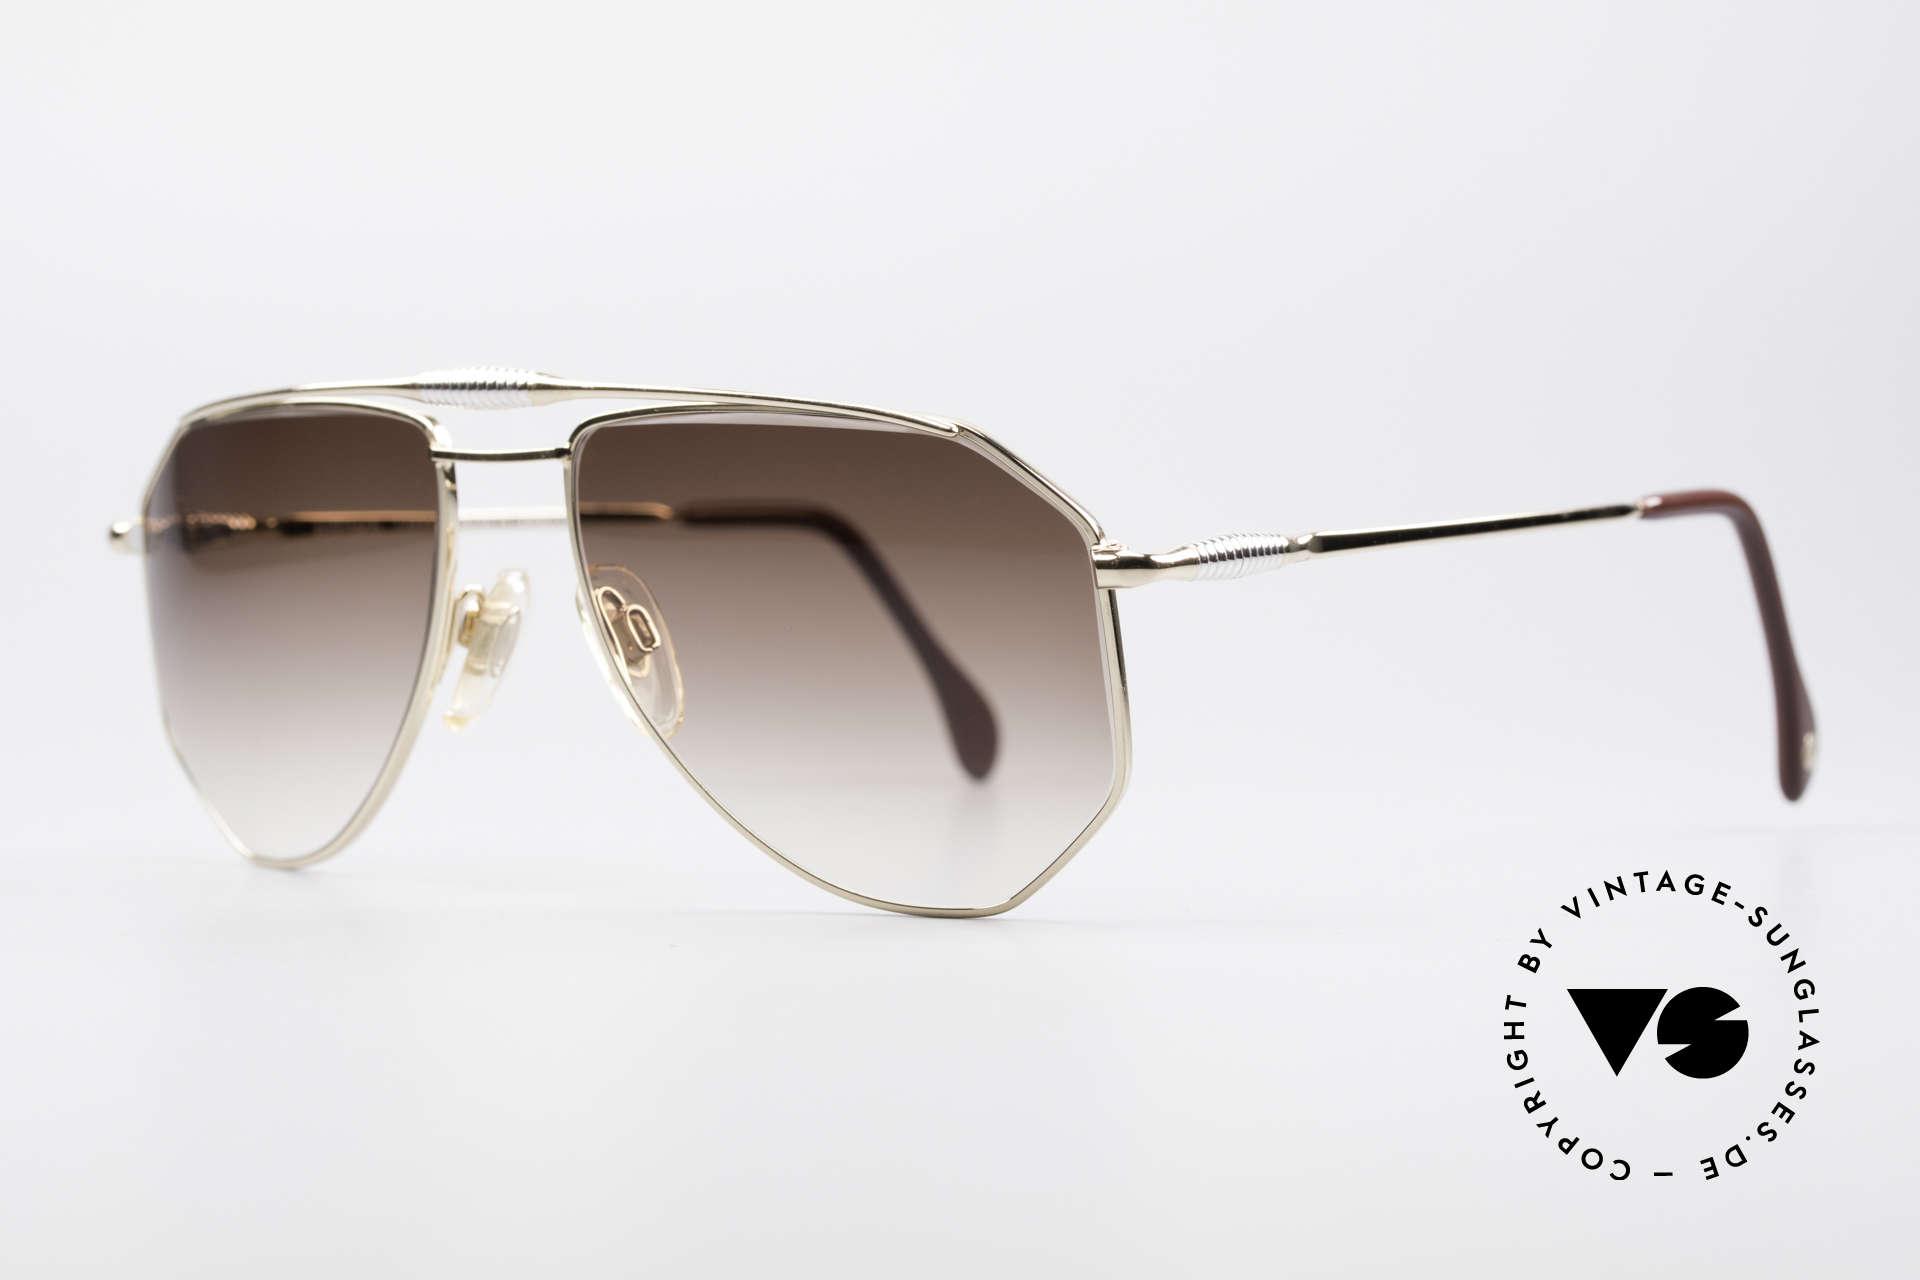 Zollitsch Cadre 120 Medium 80er Vintage Brille, interessante Alternative zur gewöhnlichen Pilotenform, Passend für Herren